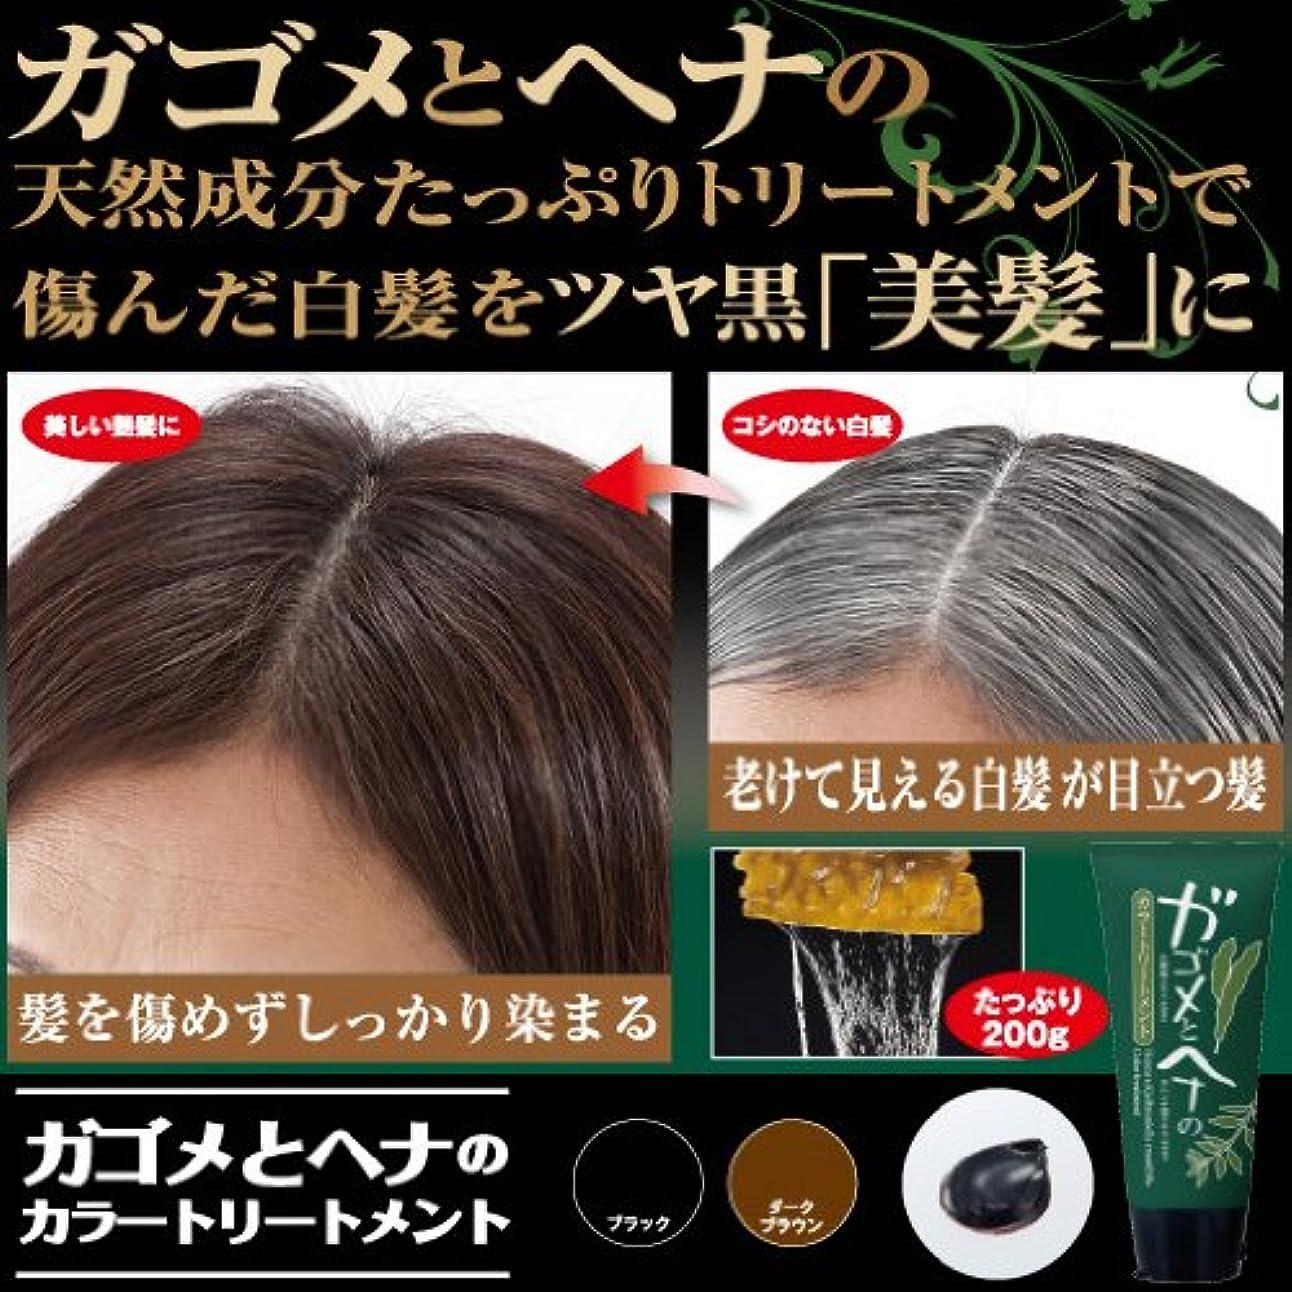 中サンプル流出髪を傷めず白髪1本1本しっかり色づけ『ガゴメとヘナの カラートリートメント』(ブラック)